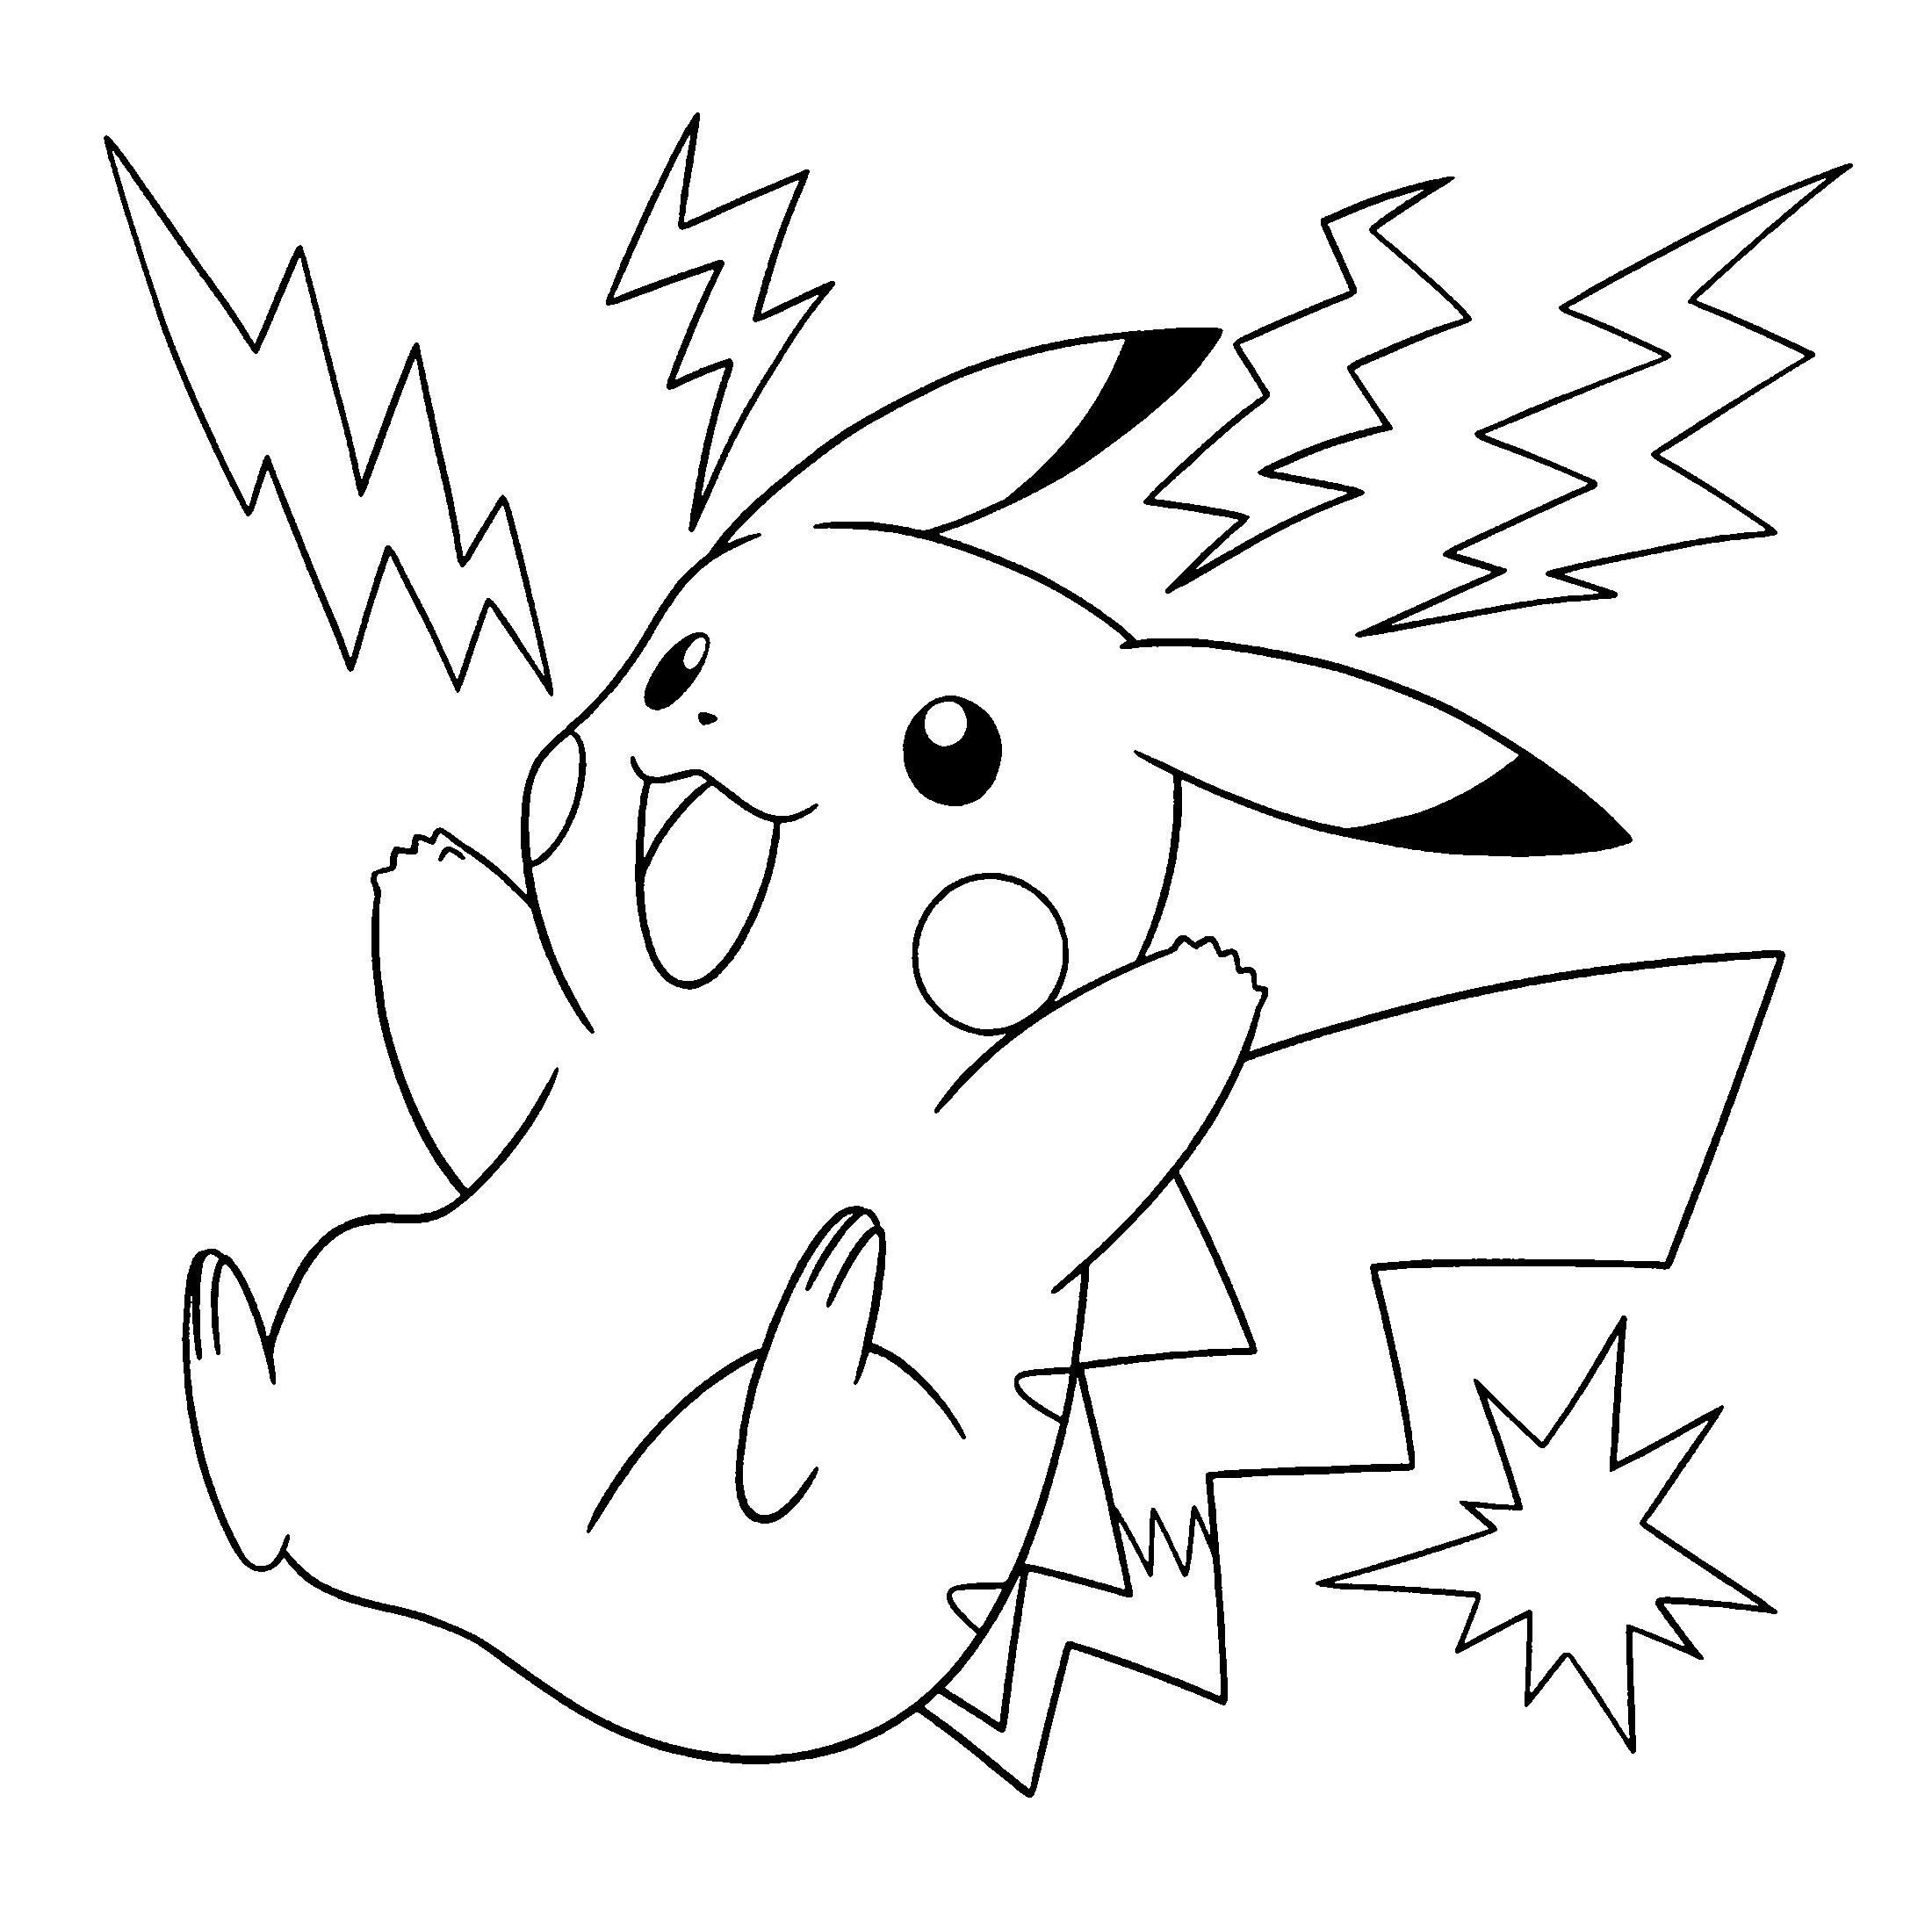 Coloriage pikachu gratuit imprimer - Pikachu coloriage ...